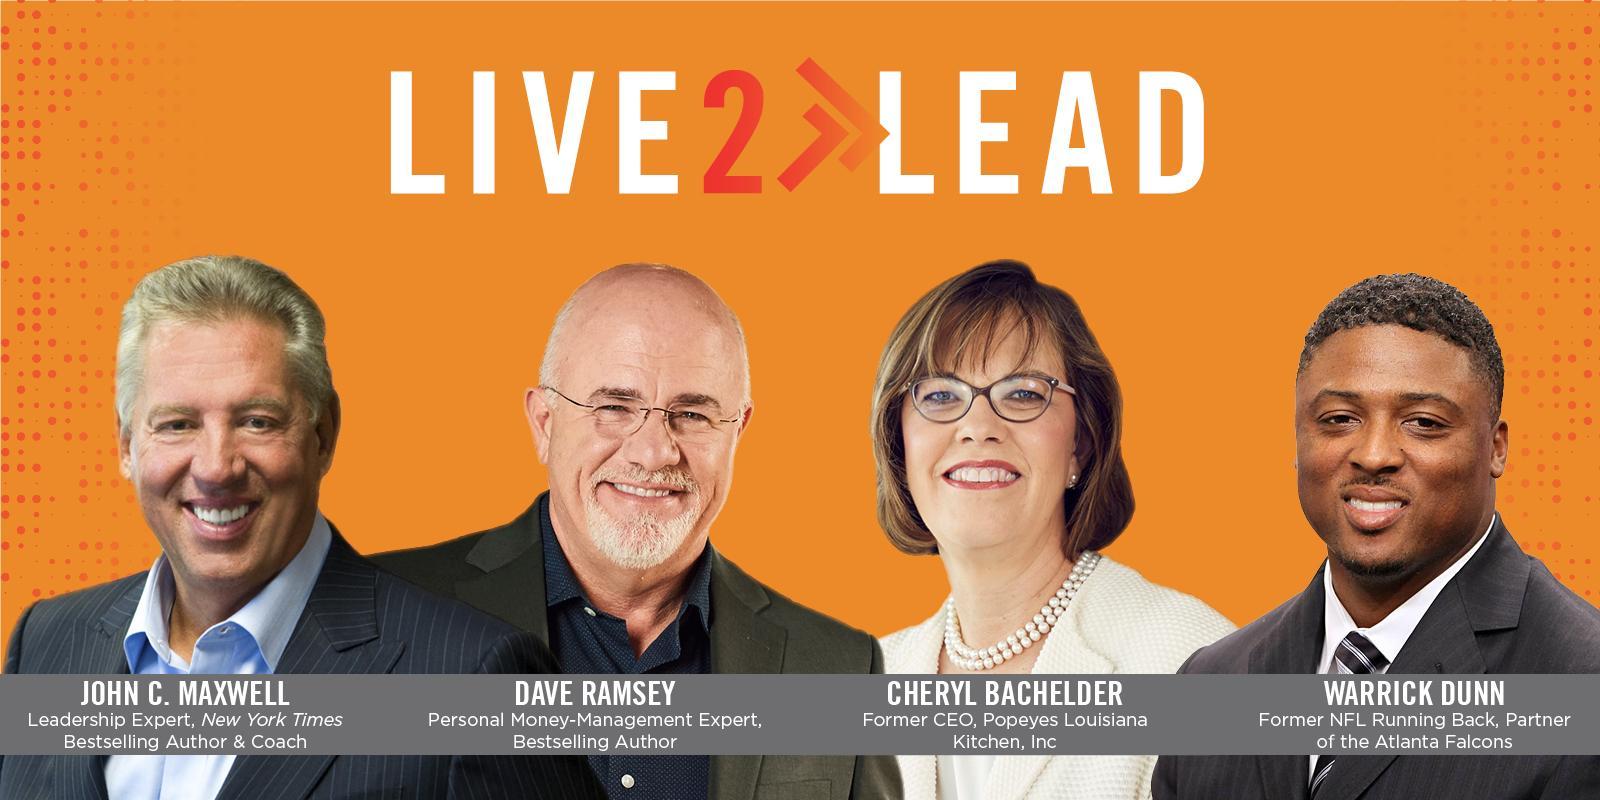 Dr John C Maxwells Live2Lead rebroadcast even